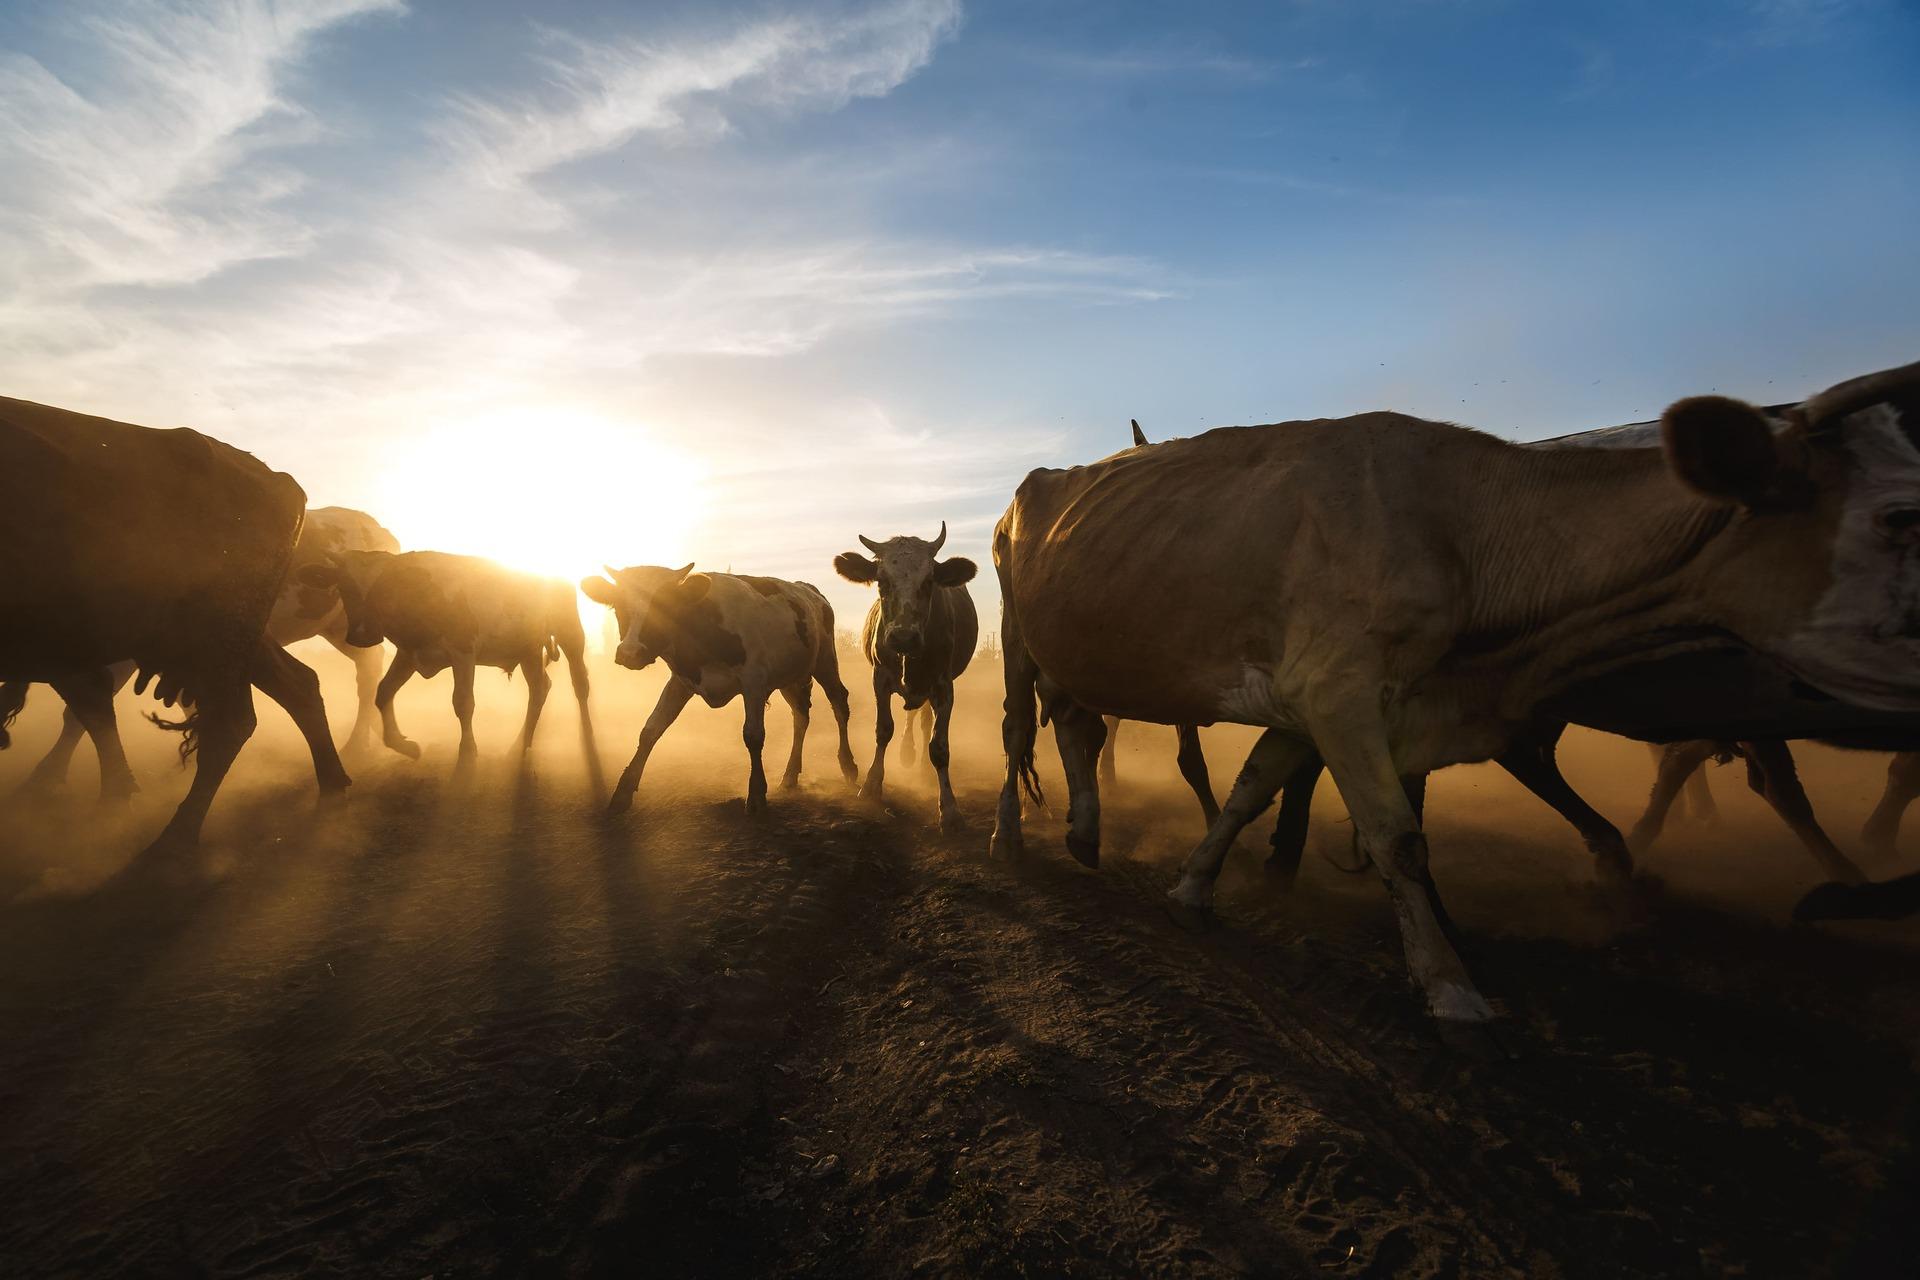 Випас корів на заході сонця, Таврія. 18 серпня 2020 року. Спецпроєкт «Національні спільноти». Фото: Юрій Стефаняк.